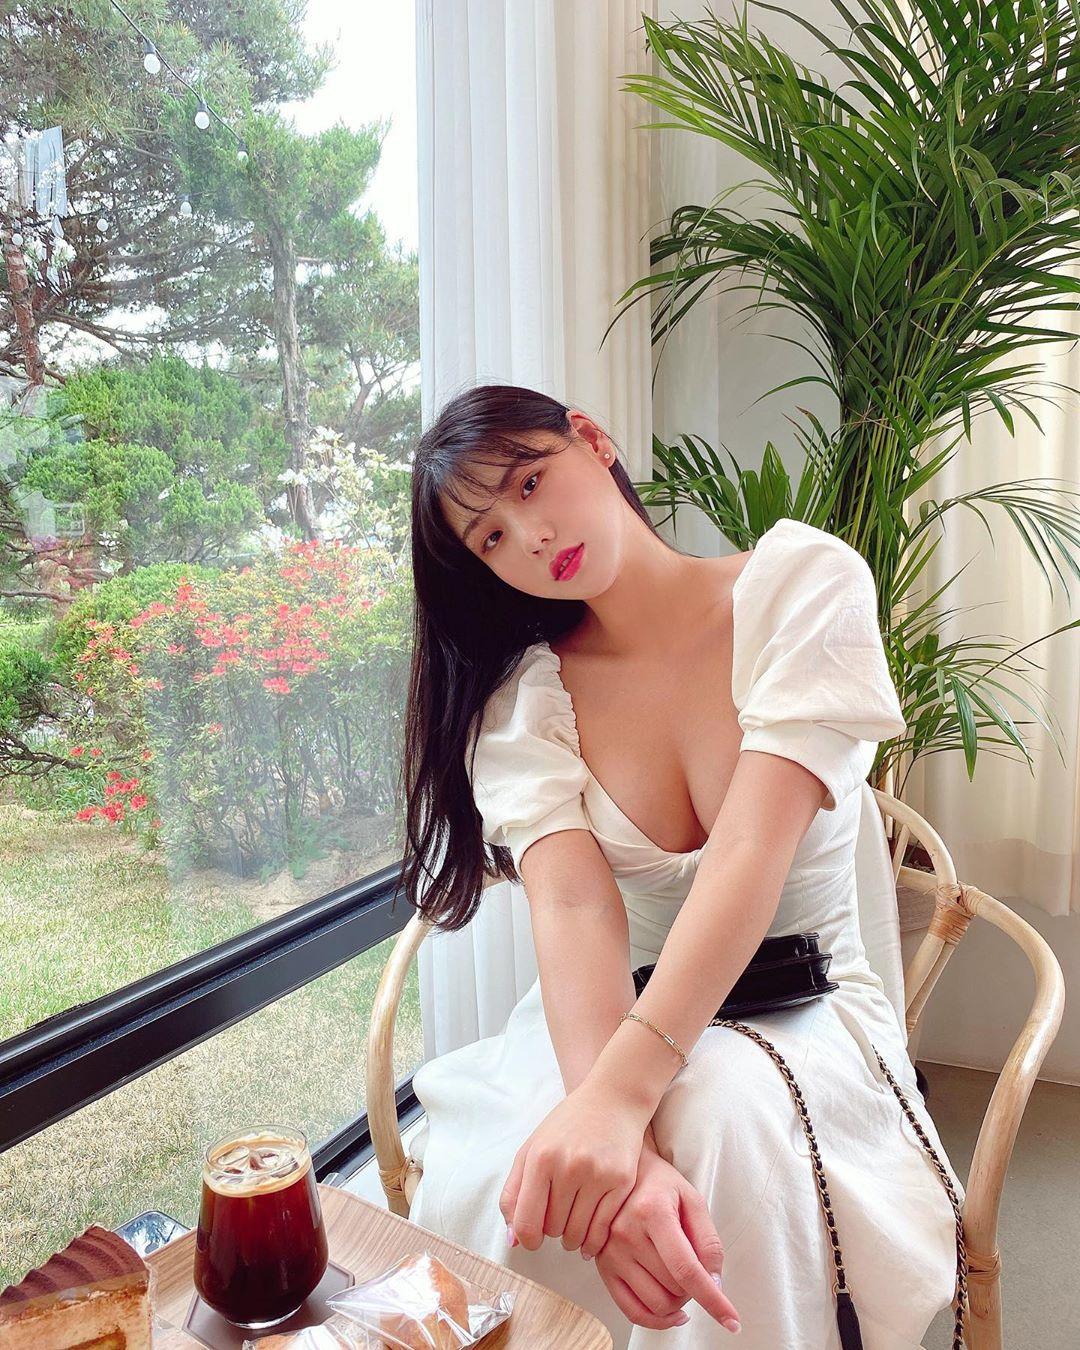 Phái đẹp mê trang phục tôn vị trí hấp dẫn nhất của phụ nữ - 1